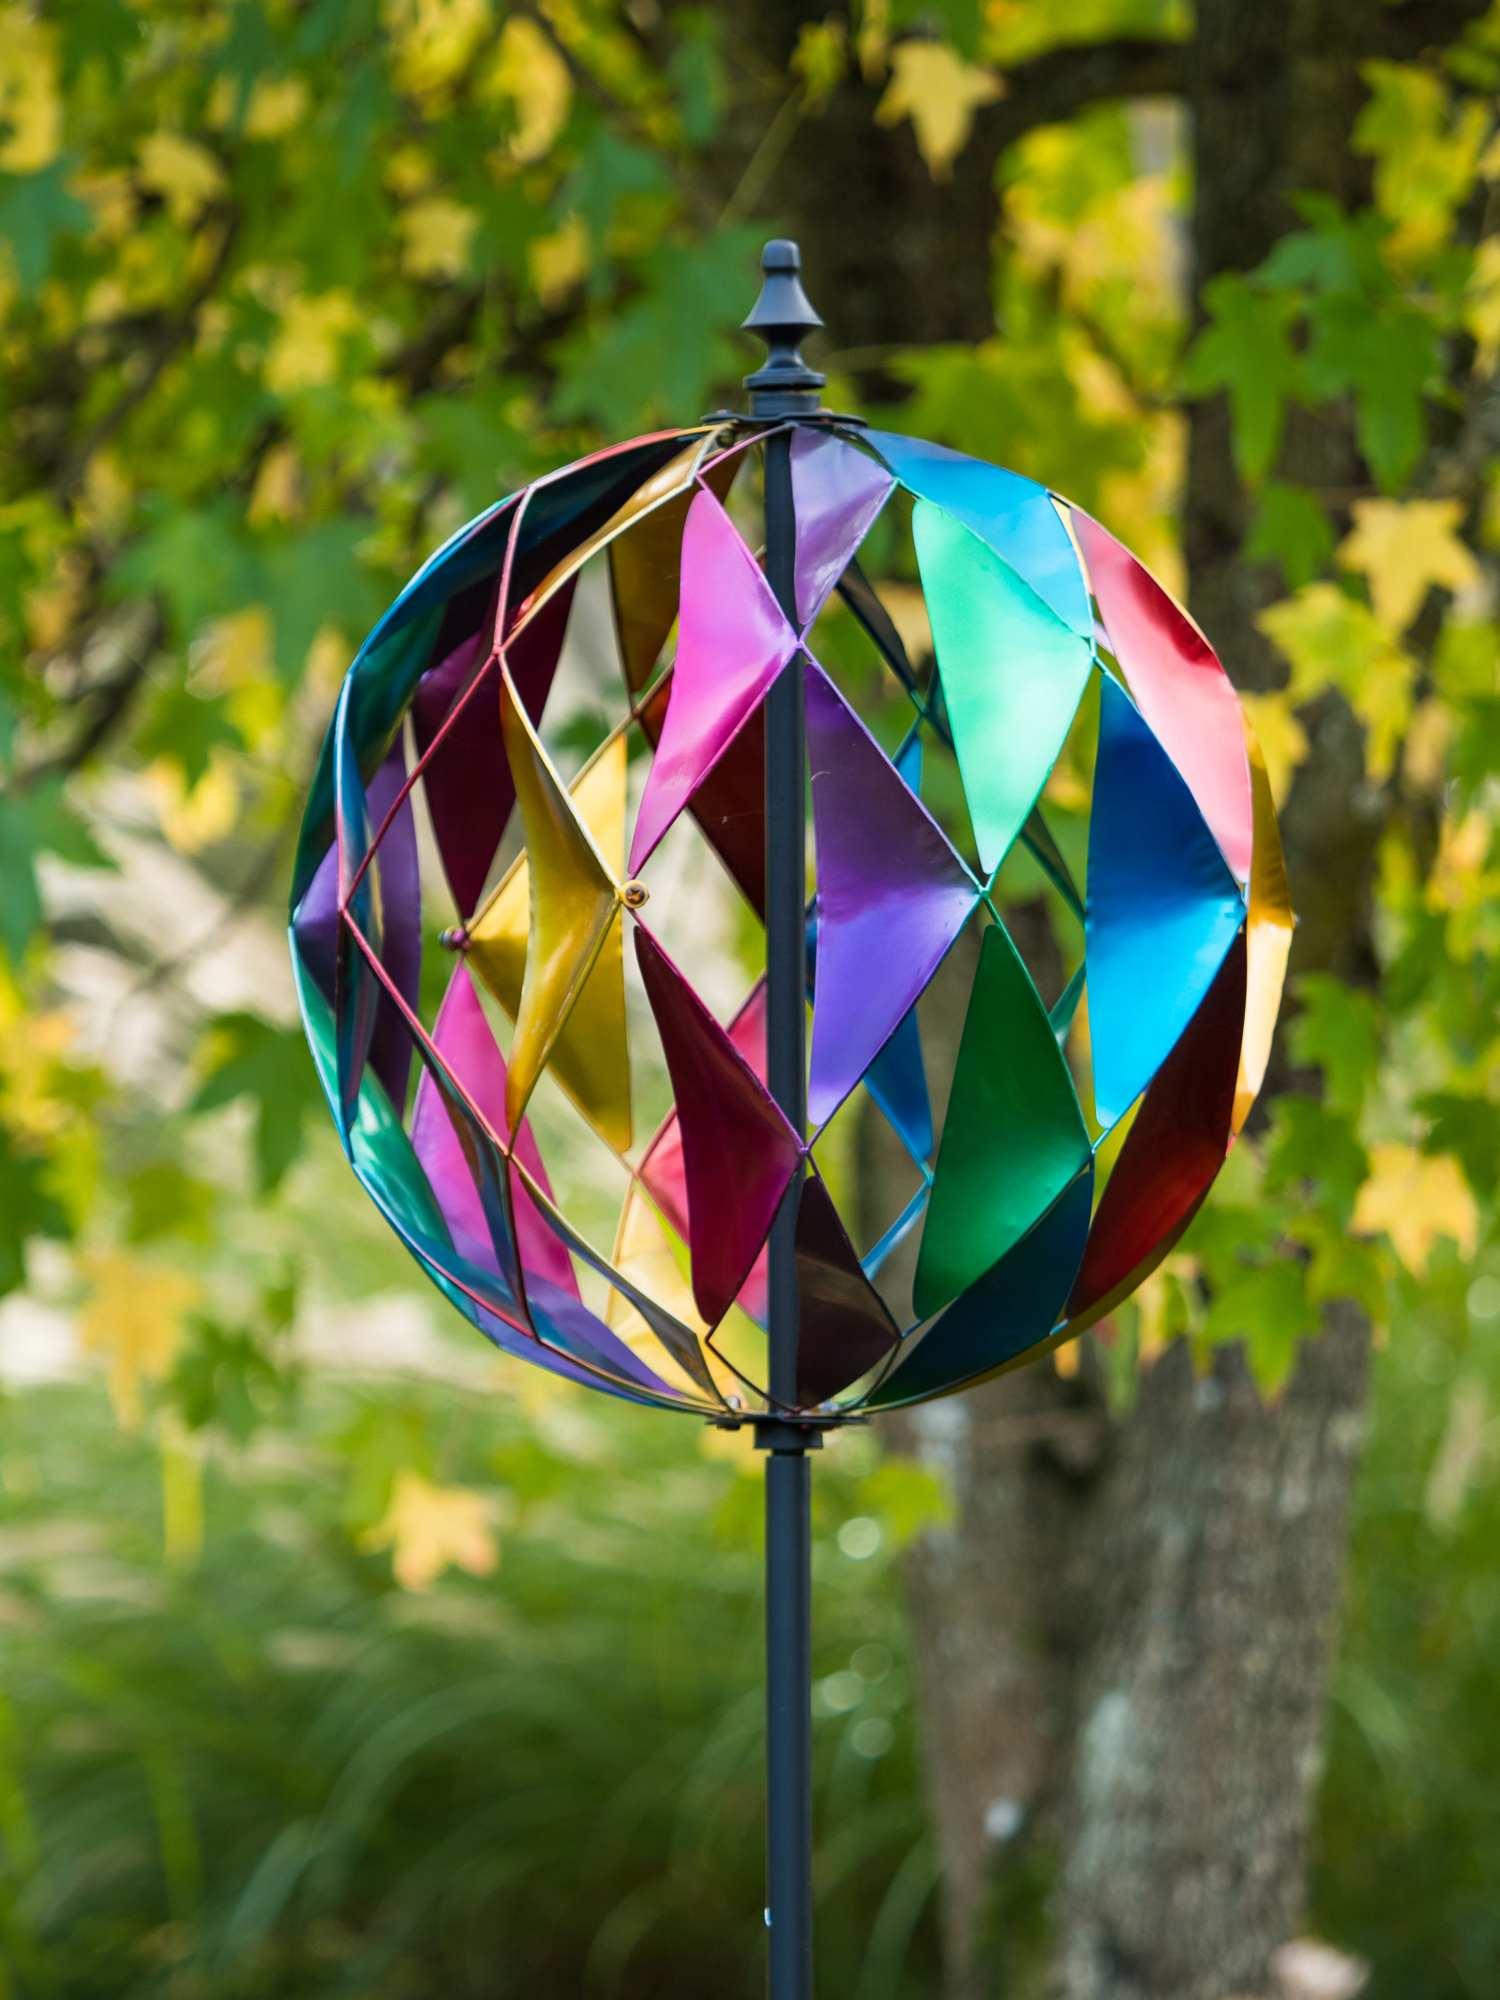 Dia 0 48m Harlequin Sphere Wind Spinner 163 95 99